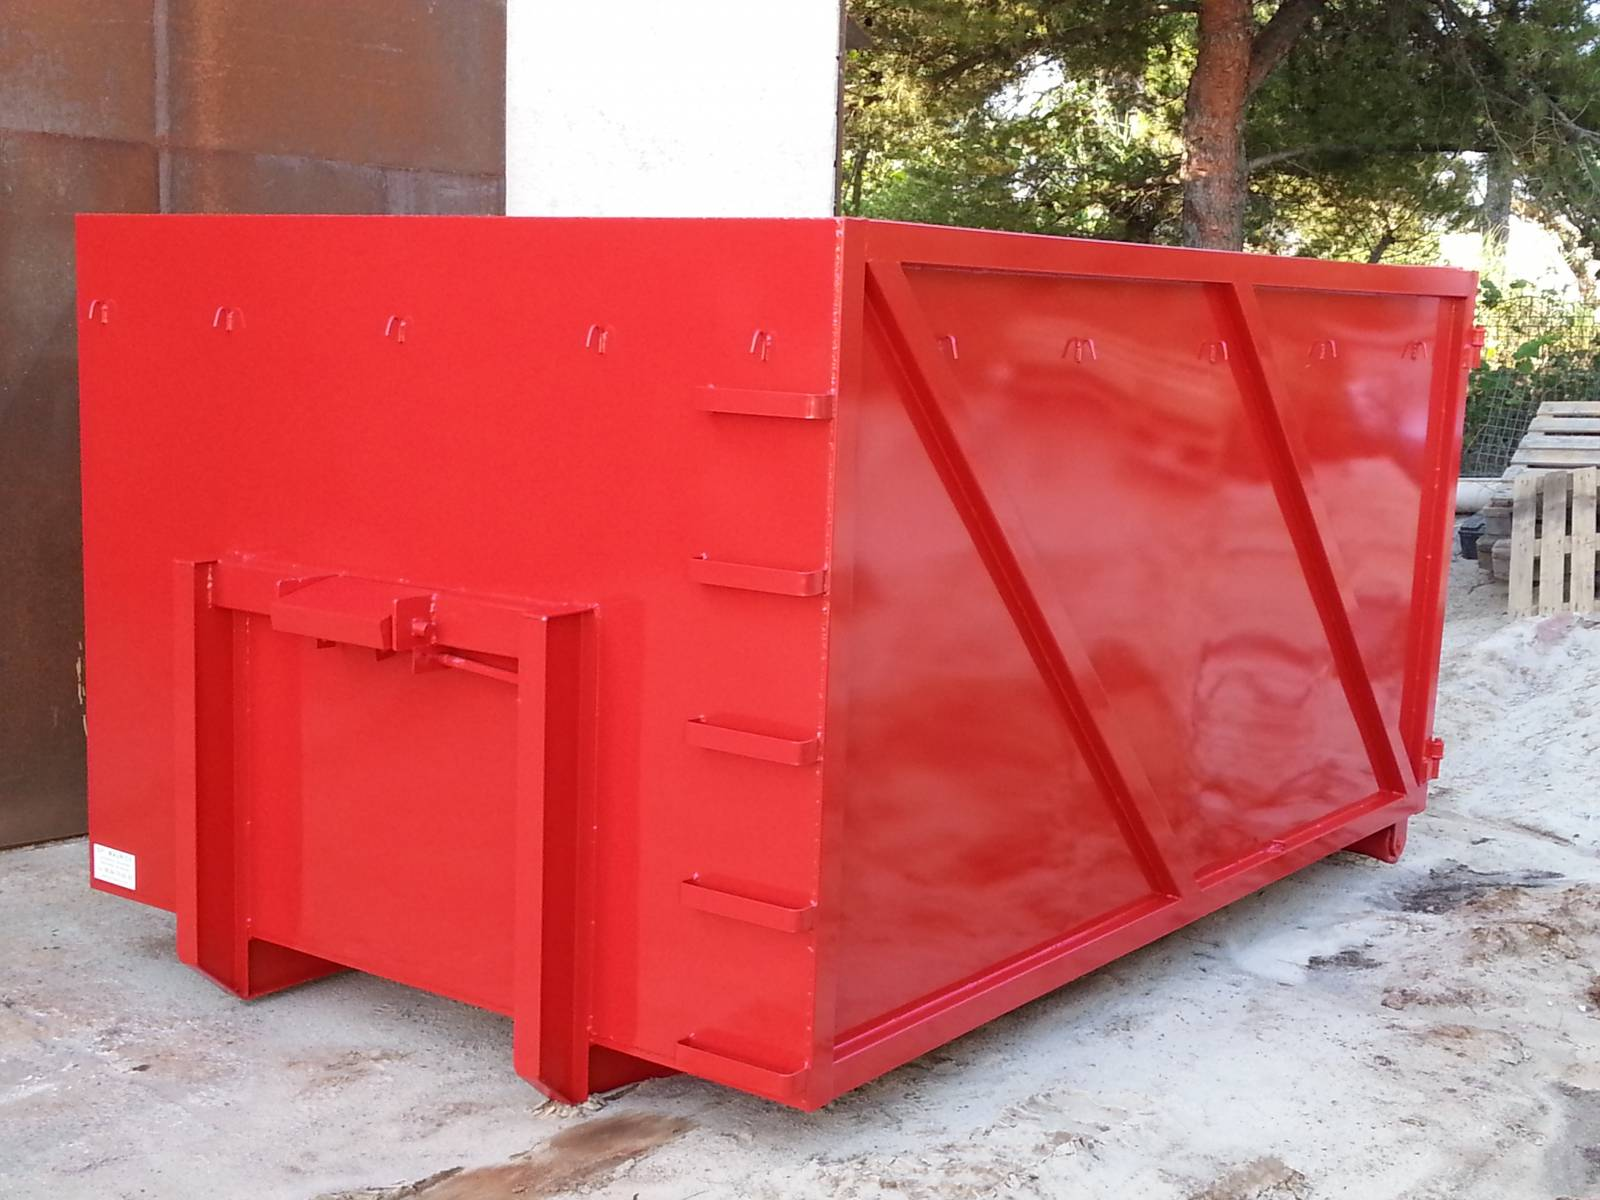 caisson ampliroll pour camion 3 5t r gion sud est fabrication de bennes amovibles sur mesure. Black Bedroom Furniture Sets. Home Design Ideas